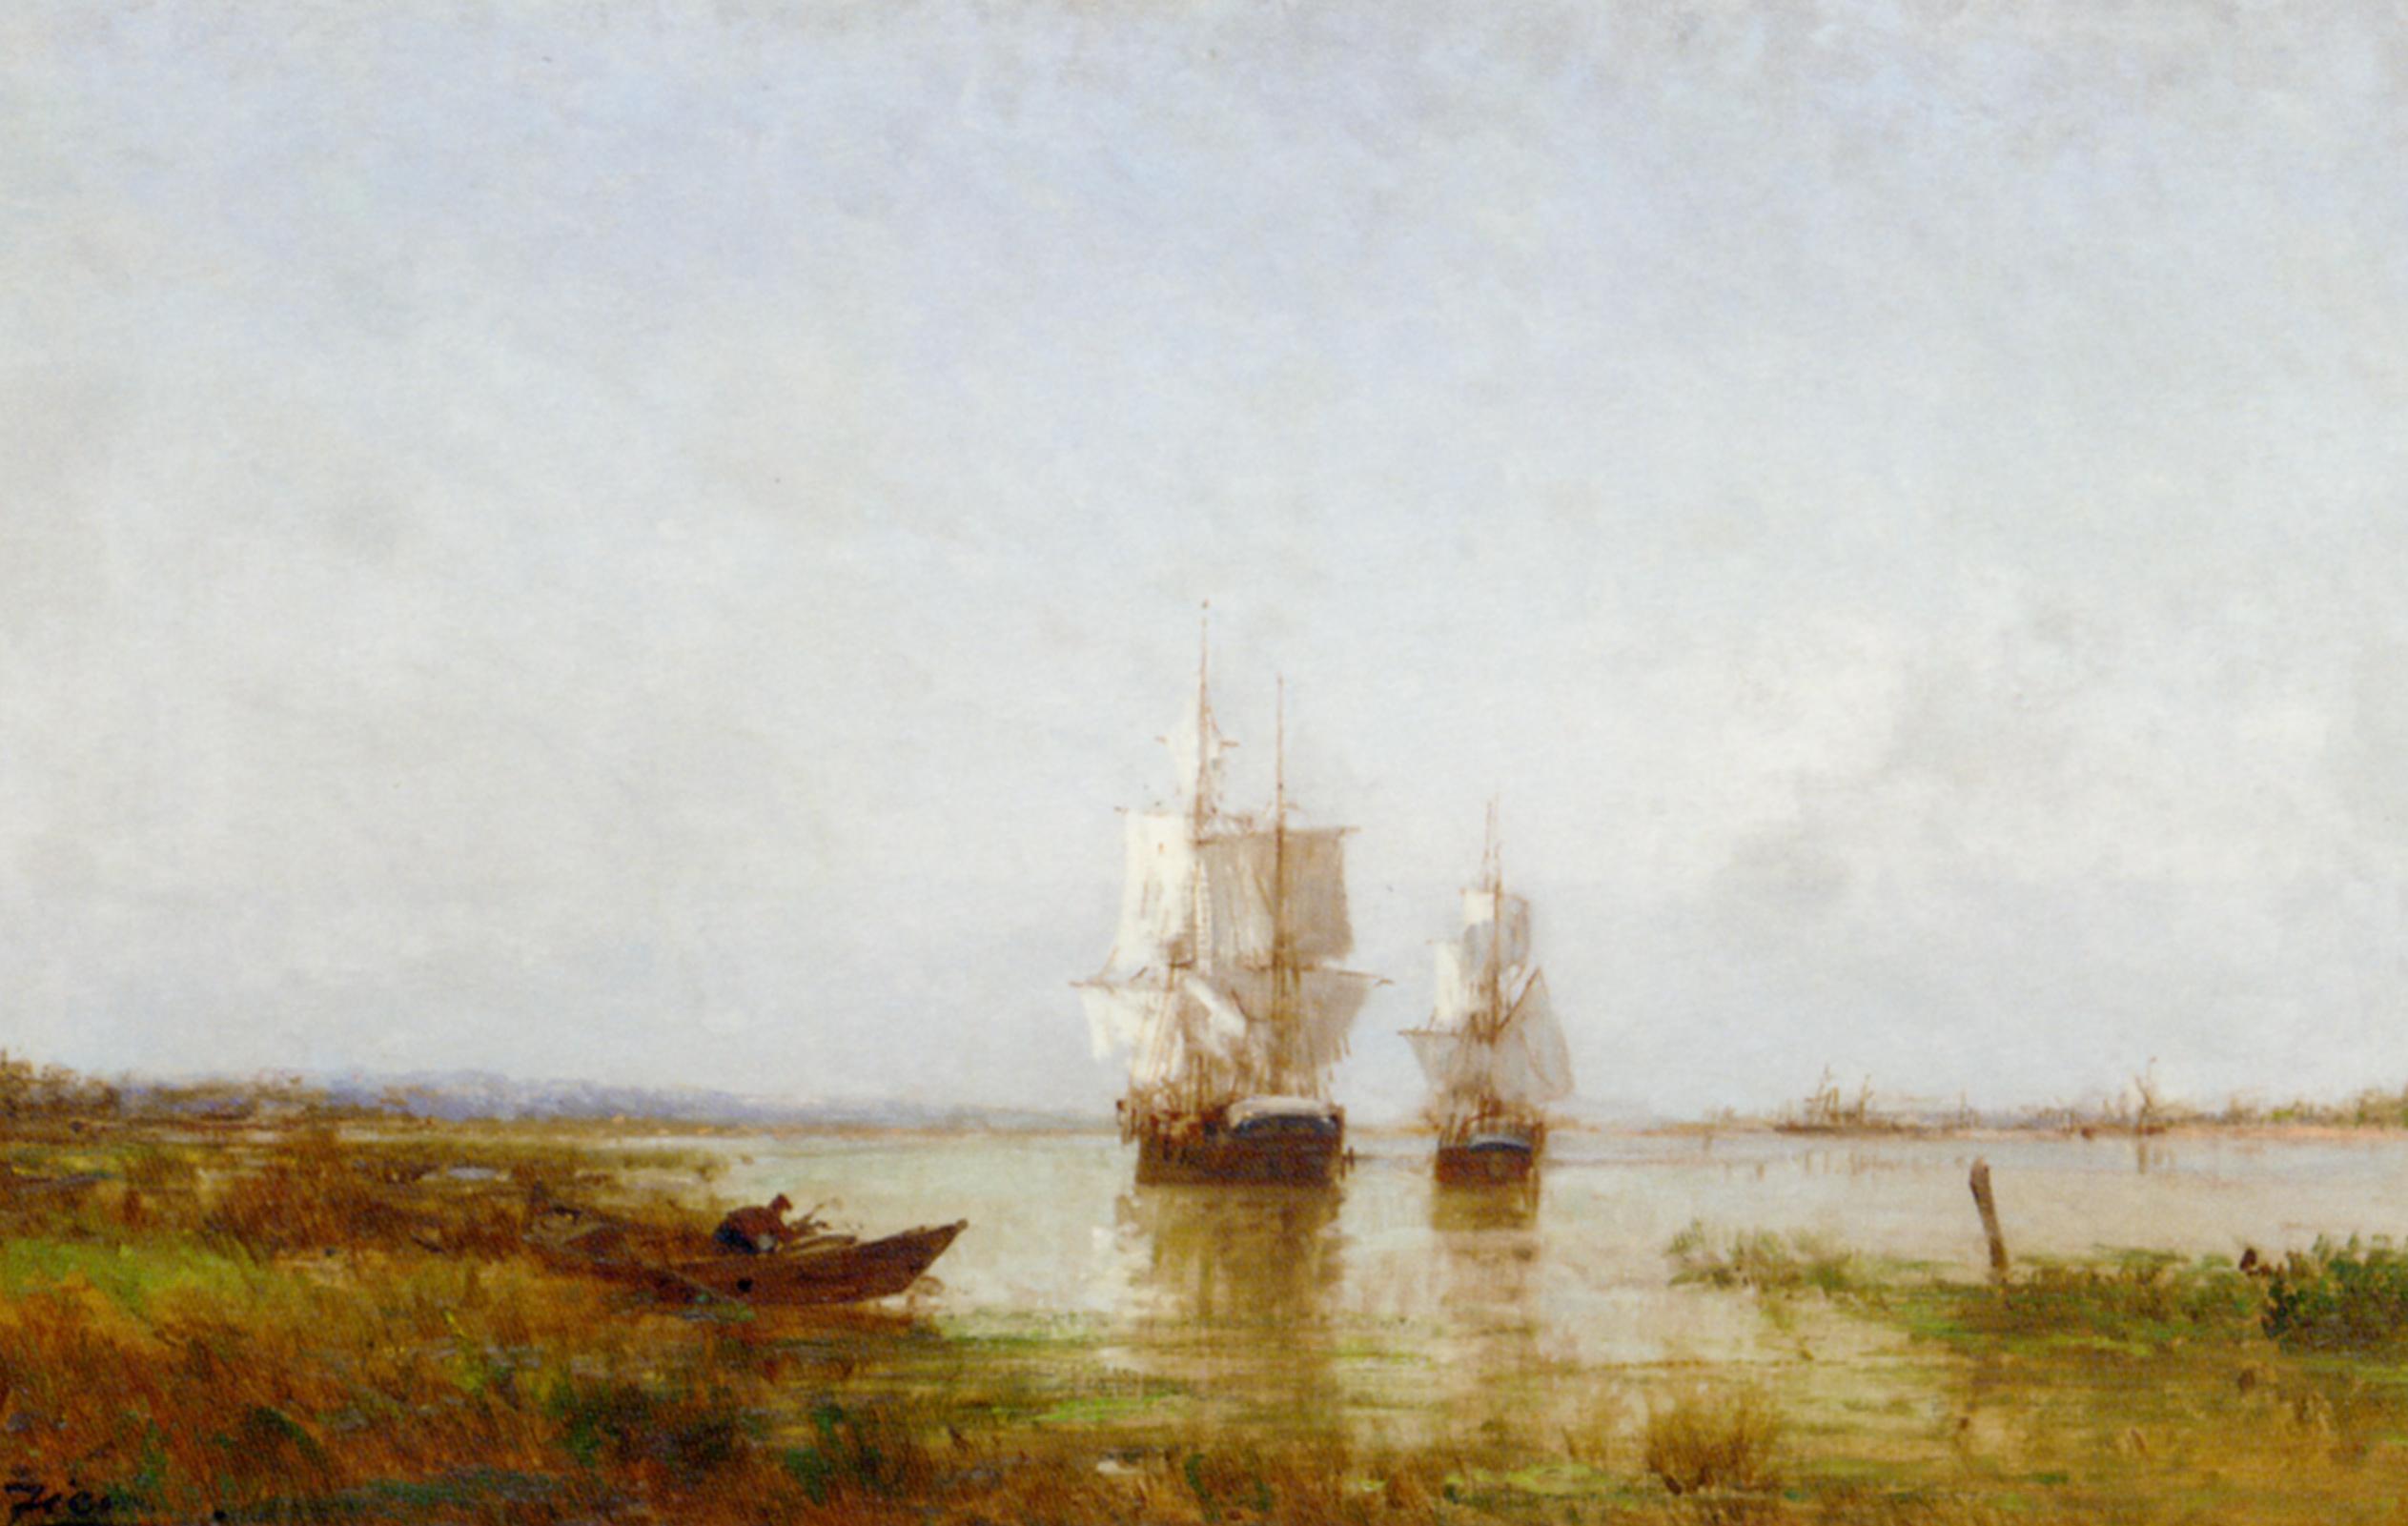 The Evening Calm :: Felix Francois Martigues Zeim - Sea landscapes with ships ôîòî